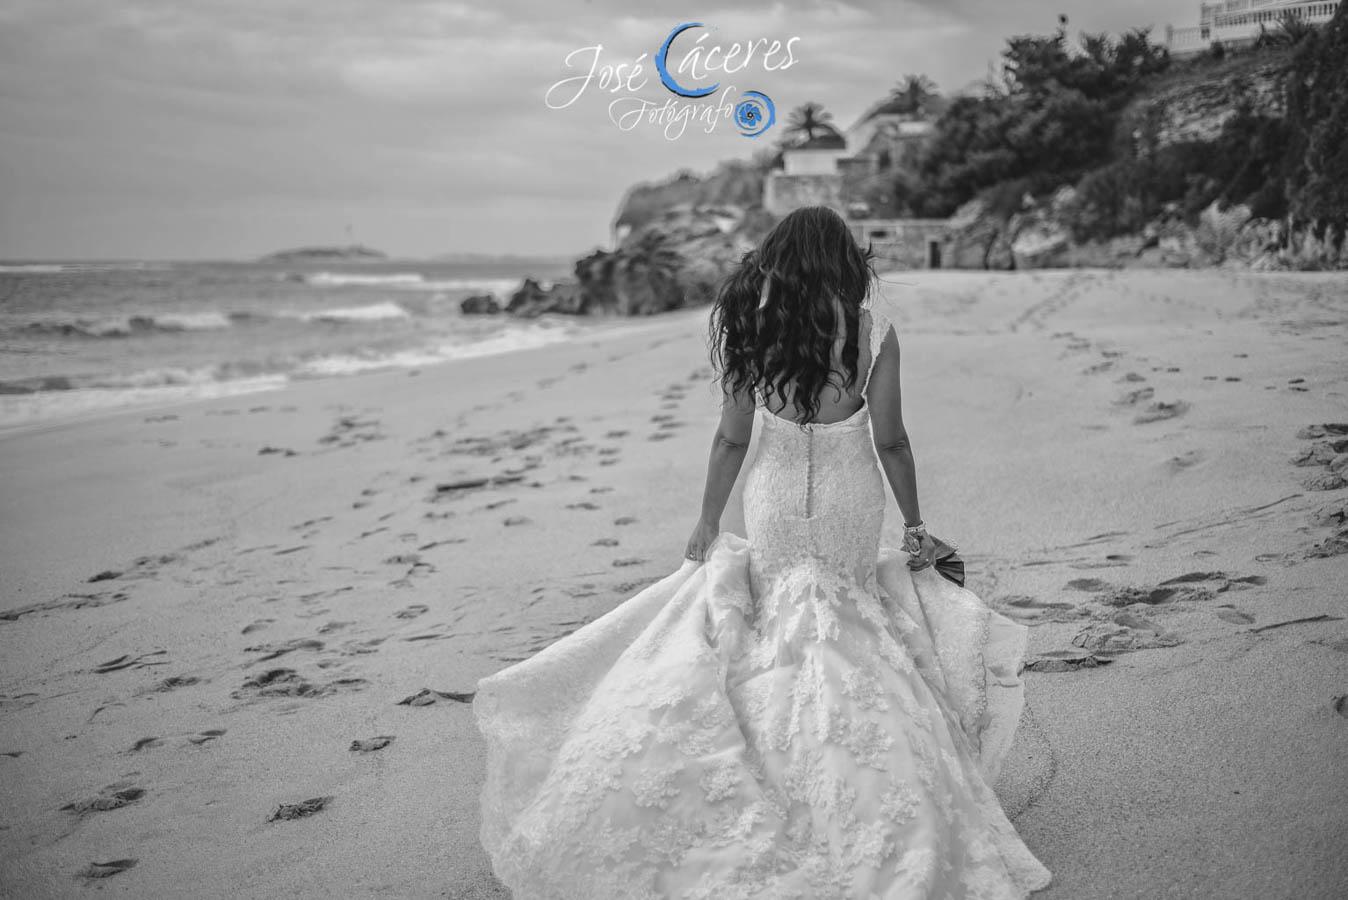 Sesion fotografica de jose caceres fotografia, post boda leticia y jose luis, playas-9